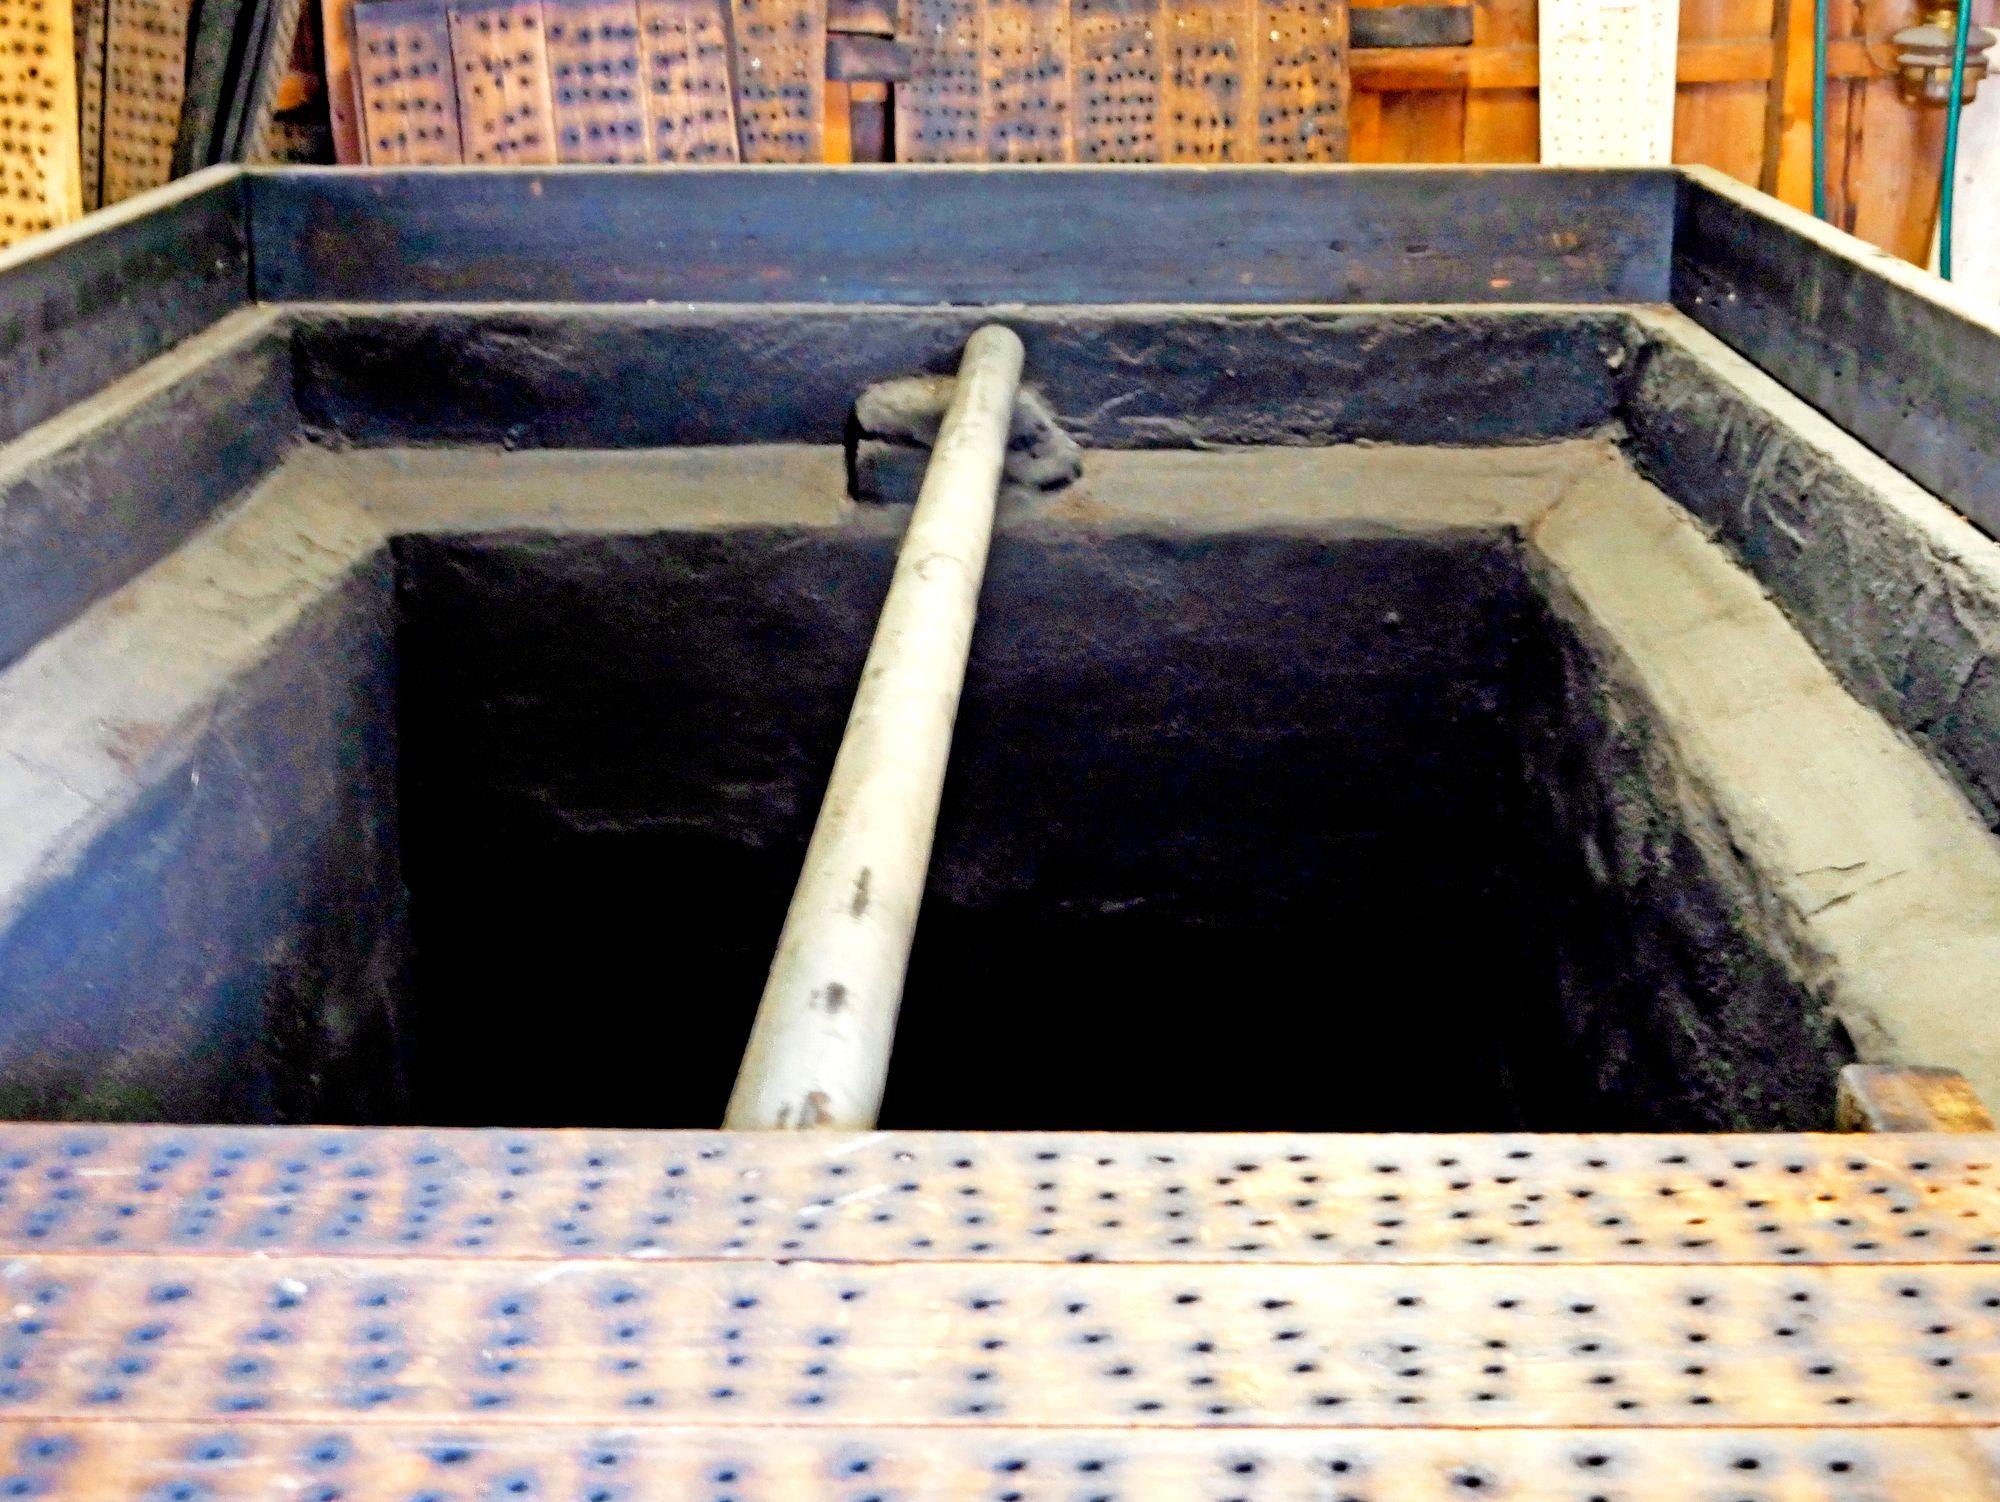 Perinteinen yhä käytössä oleva kotimallastamo Stjørdalissa Norjassa. Maltaista tehdään sahdin kaltaista perinneolutta omaan käyttöön. © Mika Laitinen